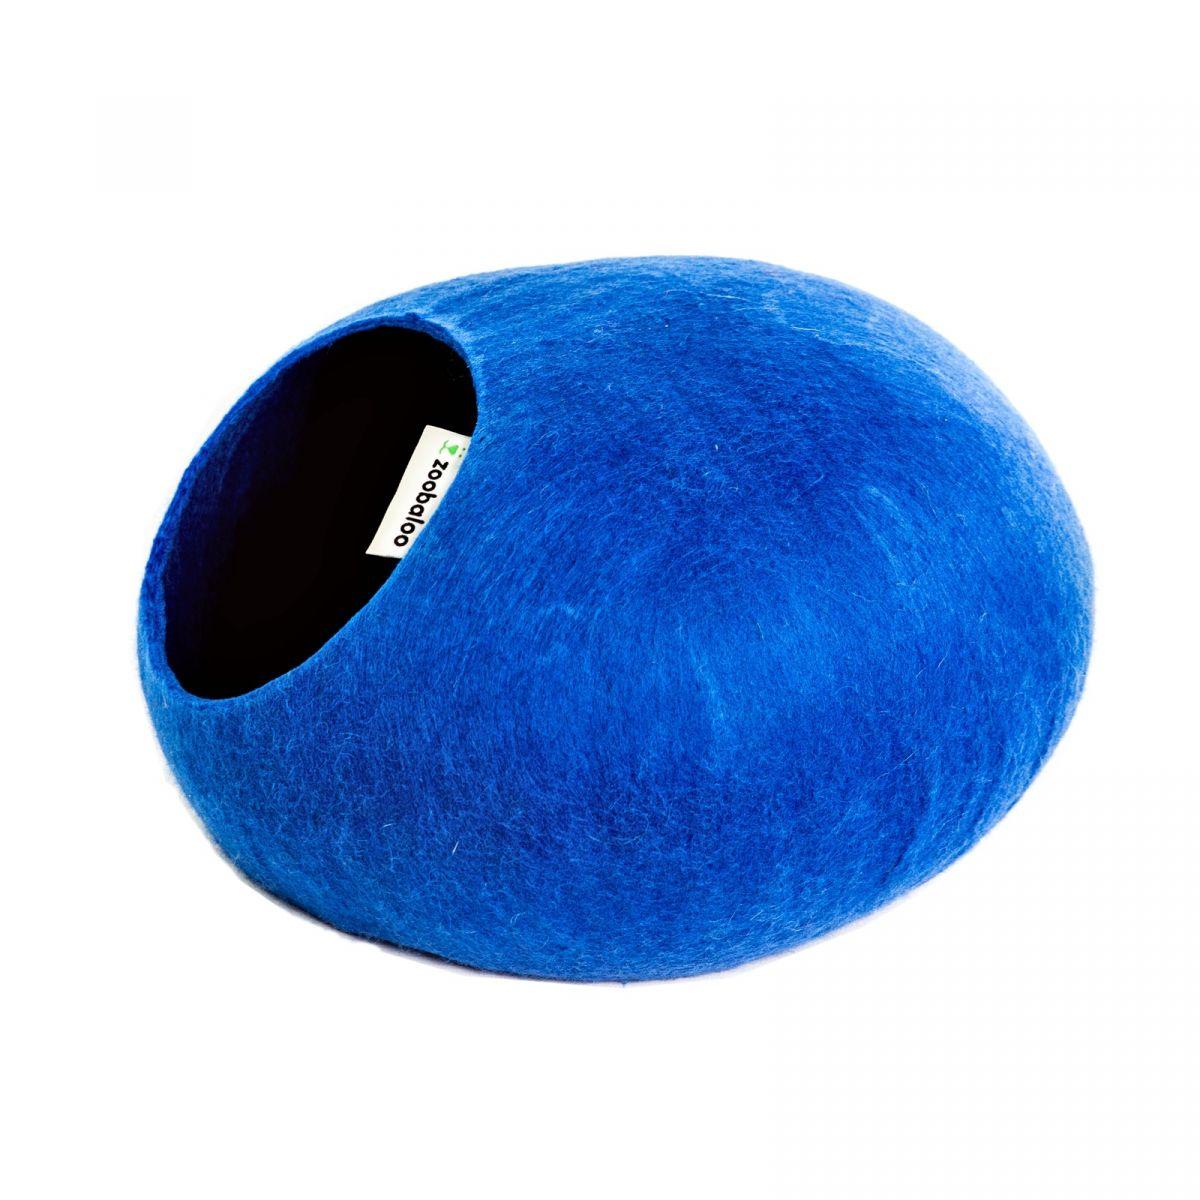 Домик для кошек и собак Zoobaloo WoolPetHouse L, синий, 40x40x20см